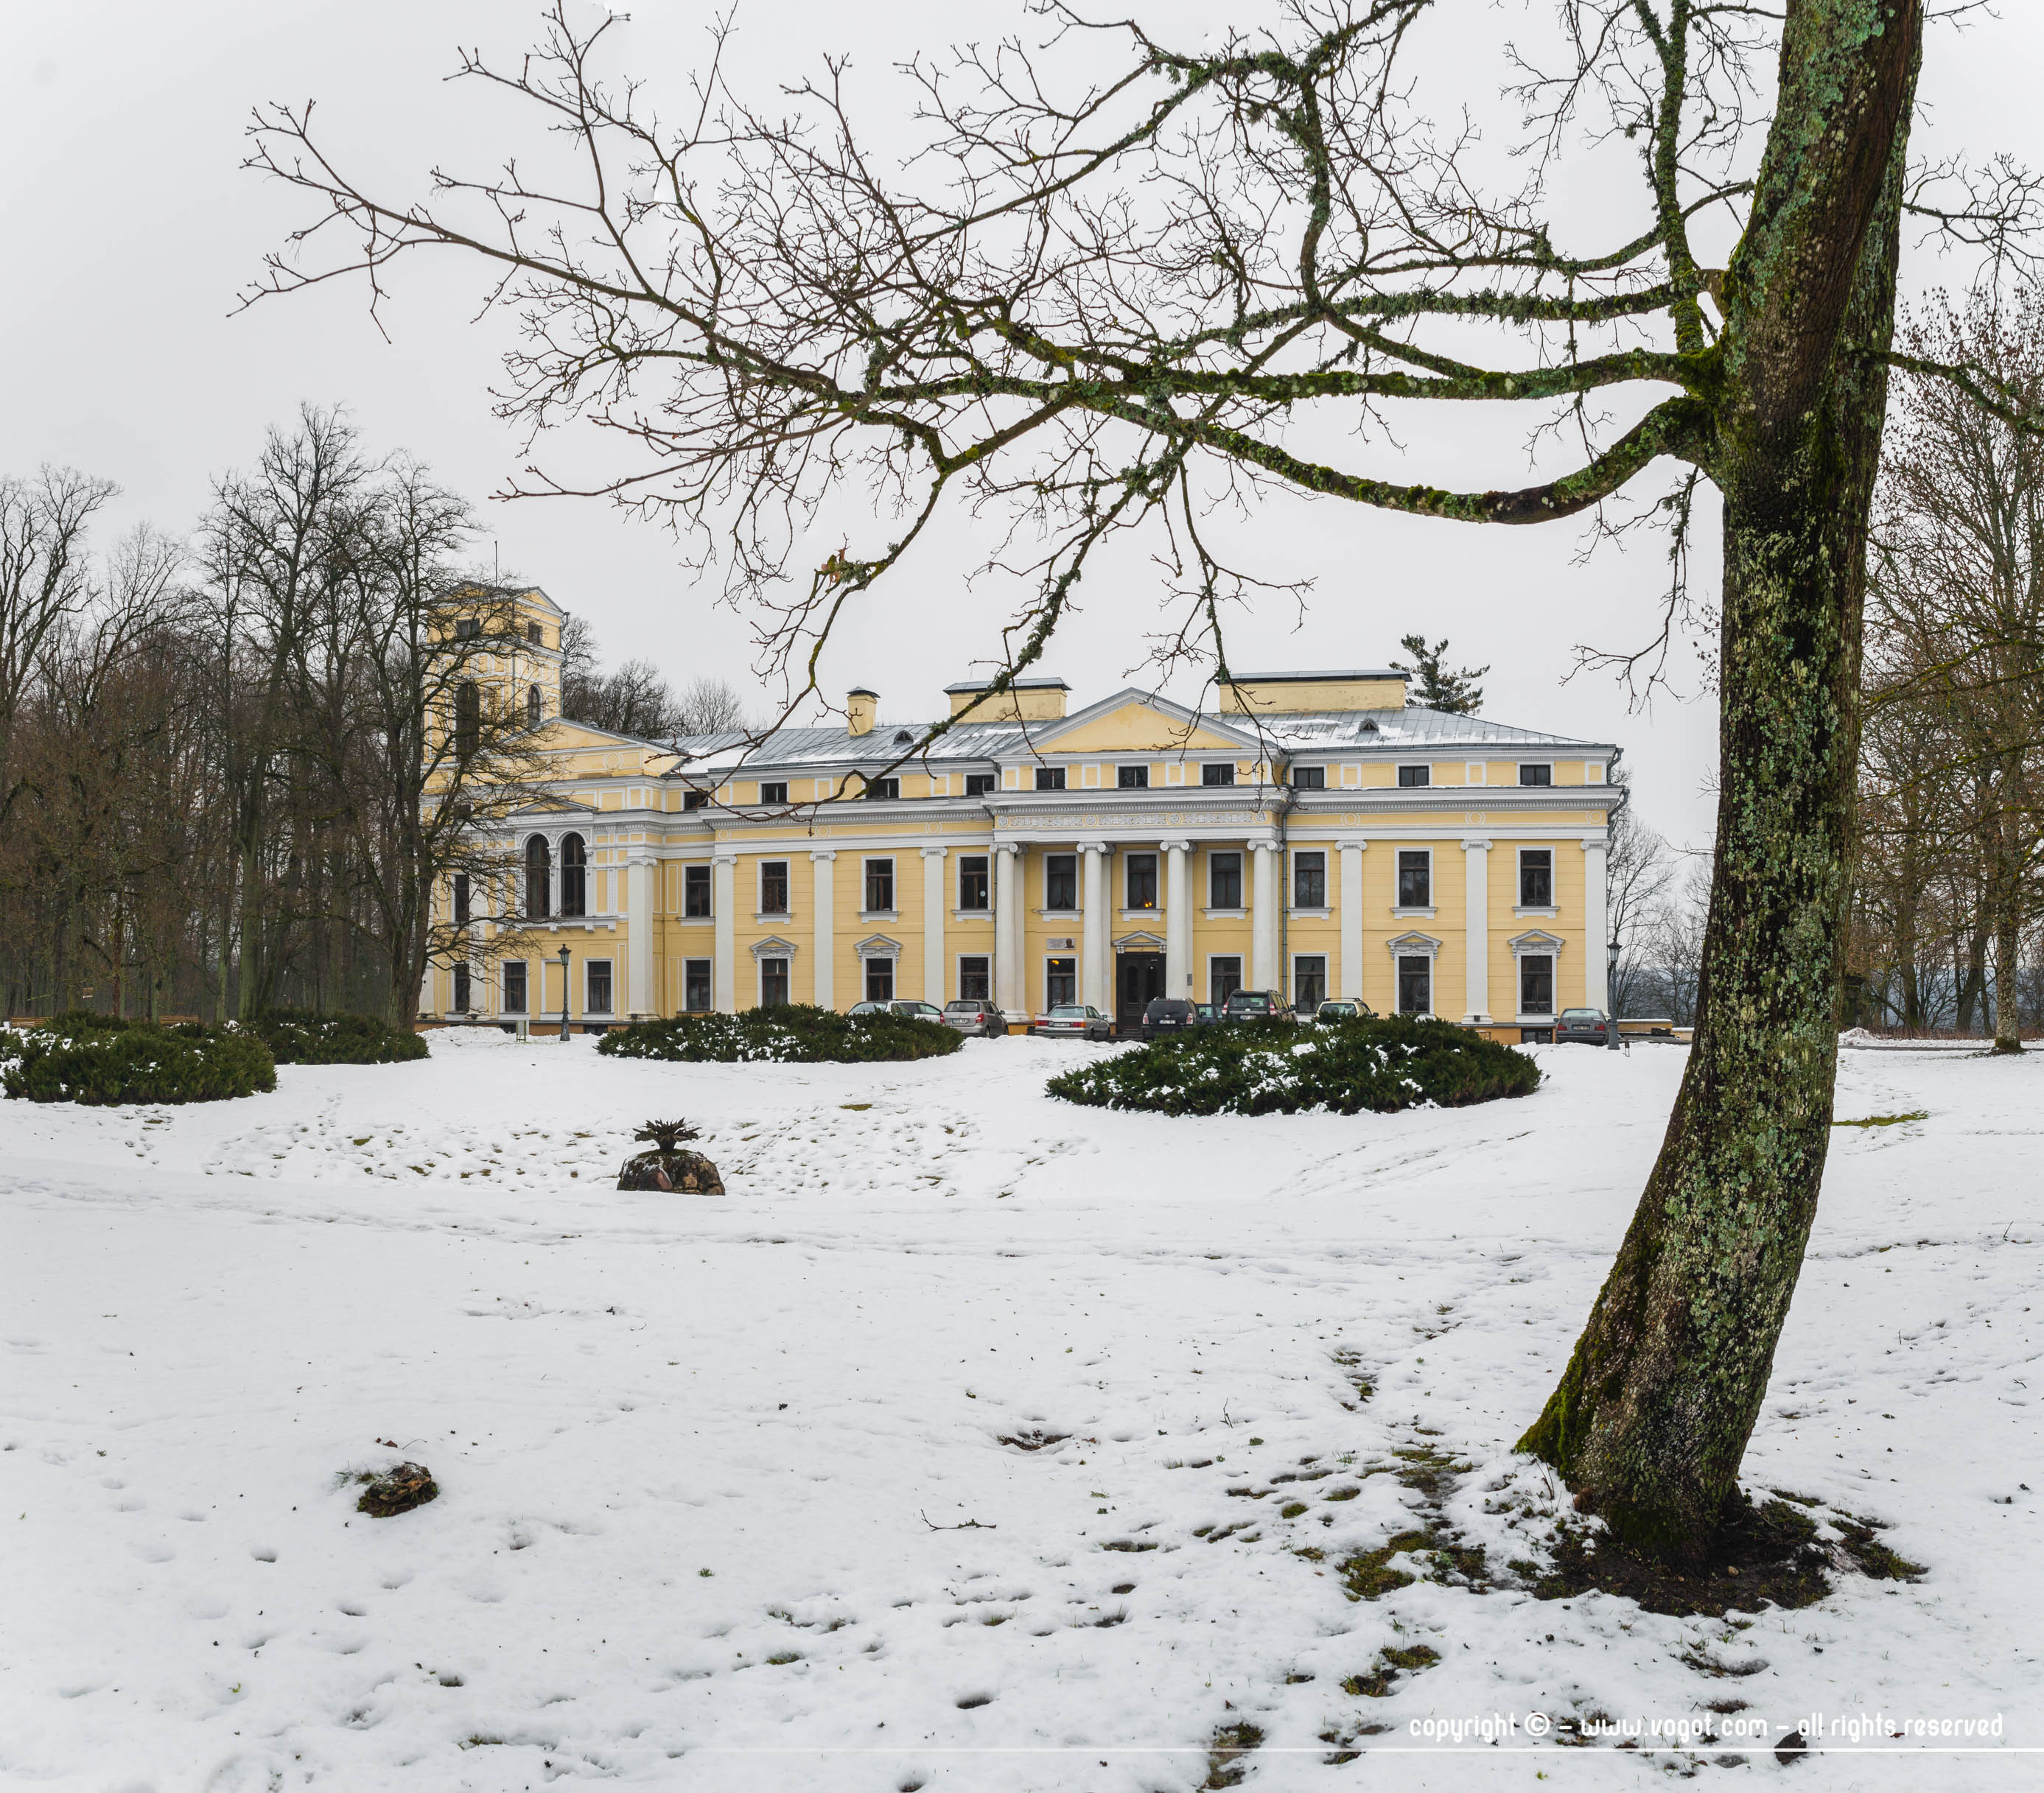 Le château du parc de Verkiai, de style classique - Lituanie